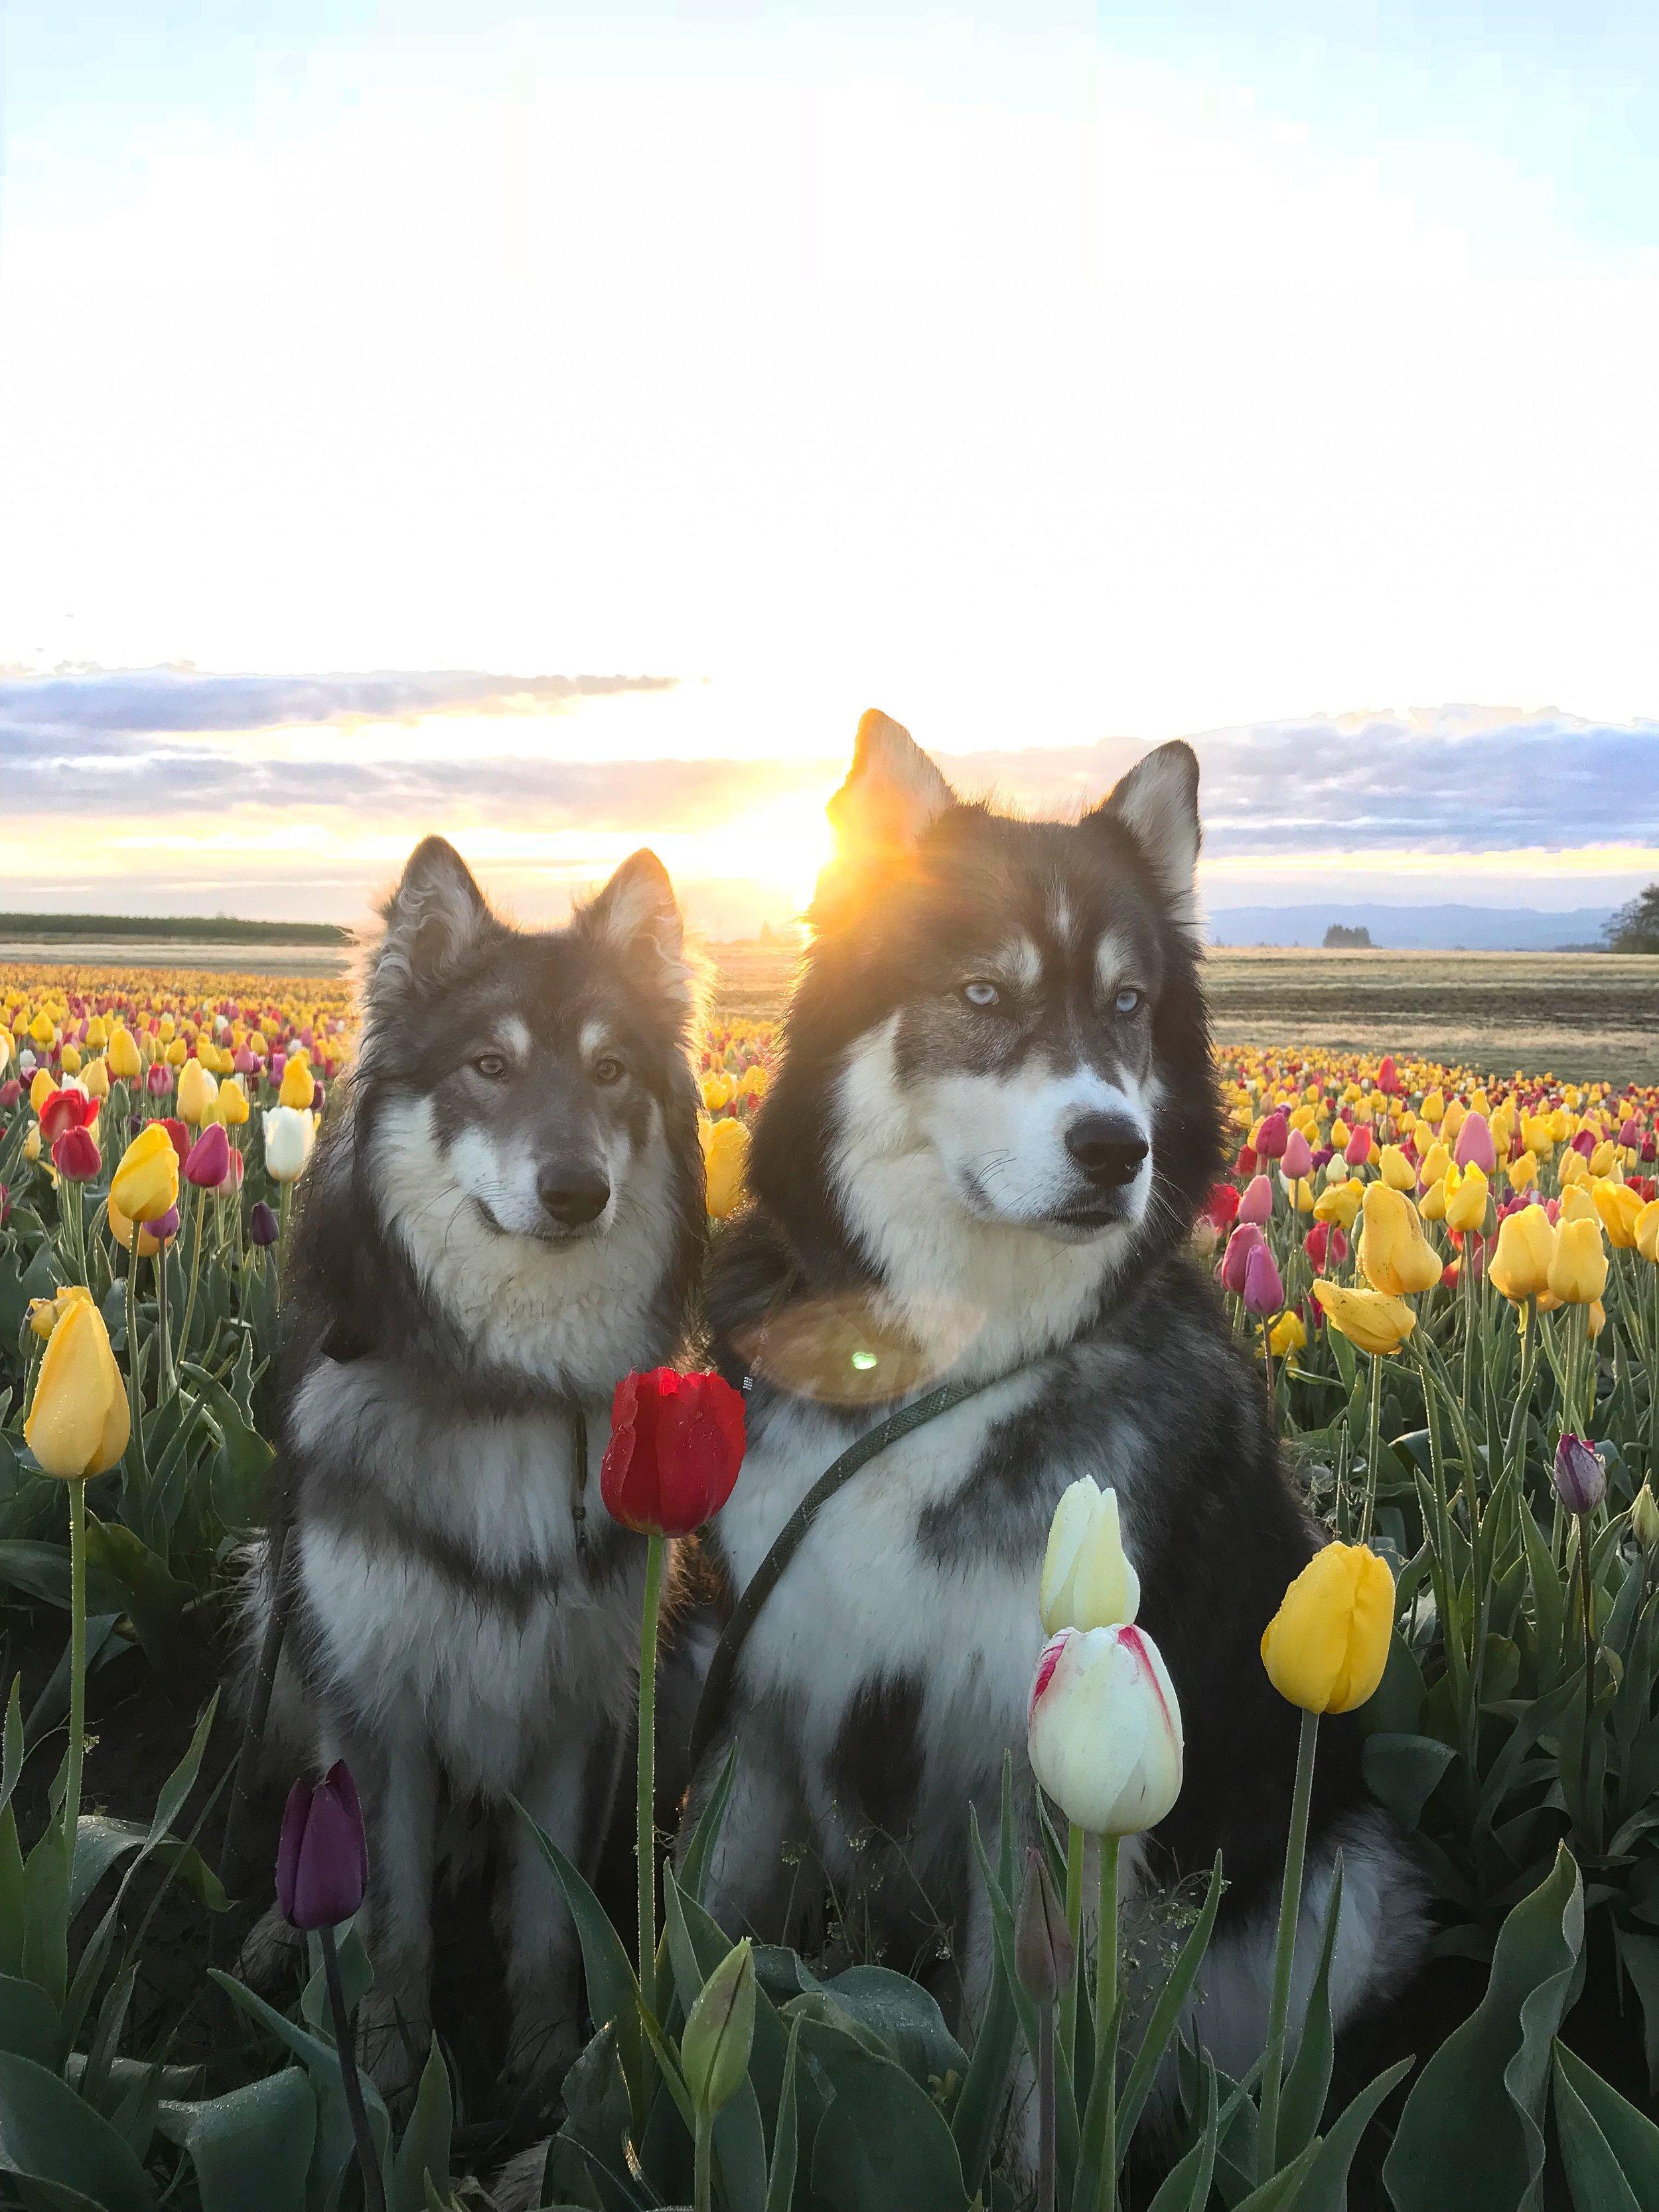 Sunrise at the tulip festival